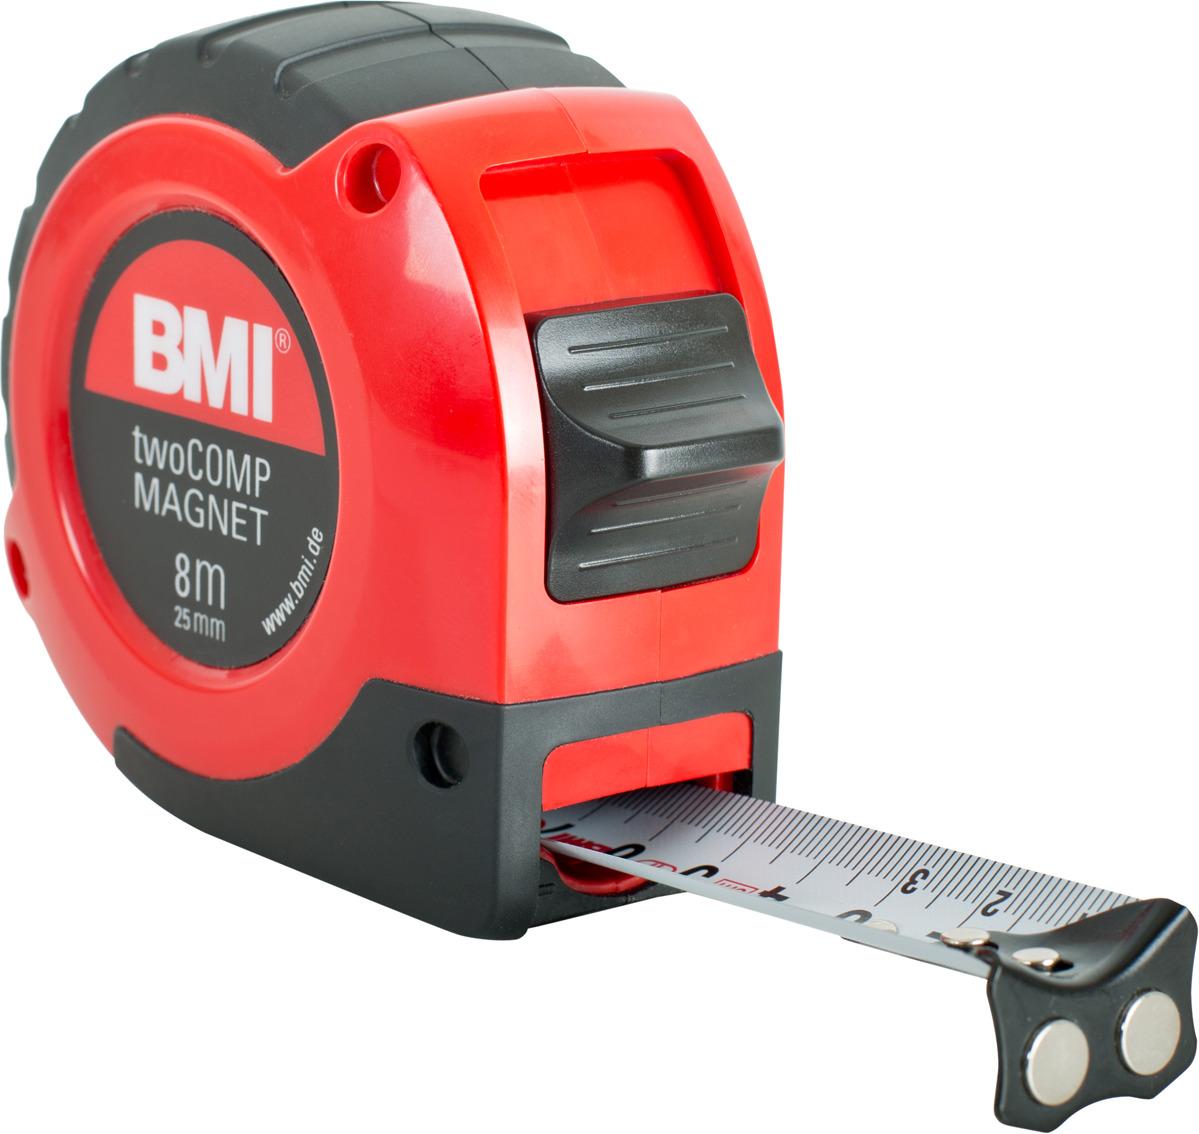 Измерительная рулетка BMI Twocomp Magnetic, 472841021M, 8 м